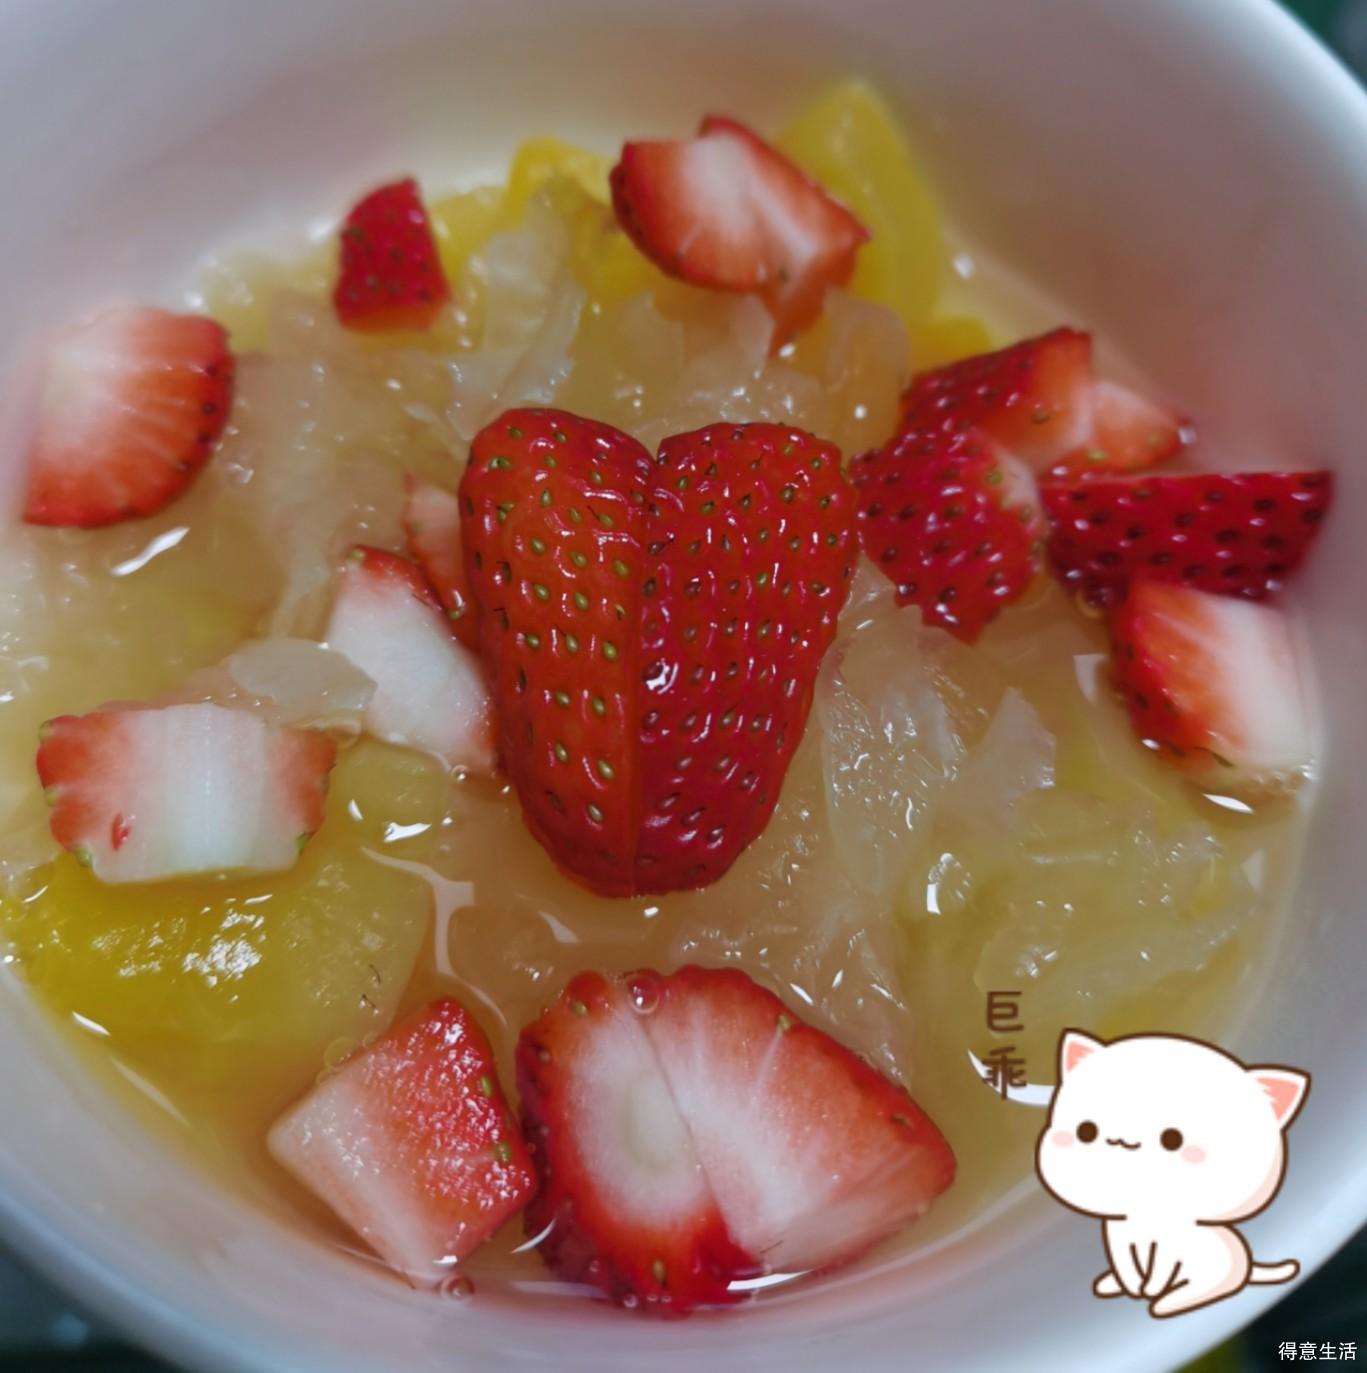 生木瓜摇身一变成木瓜银耳草莓羹,宝宝的下午茶解决啦!